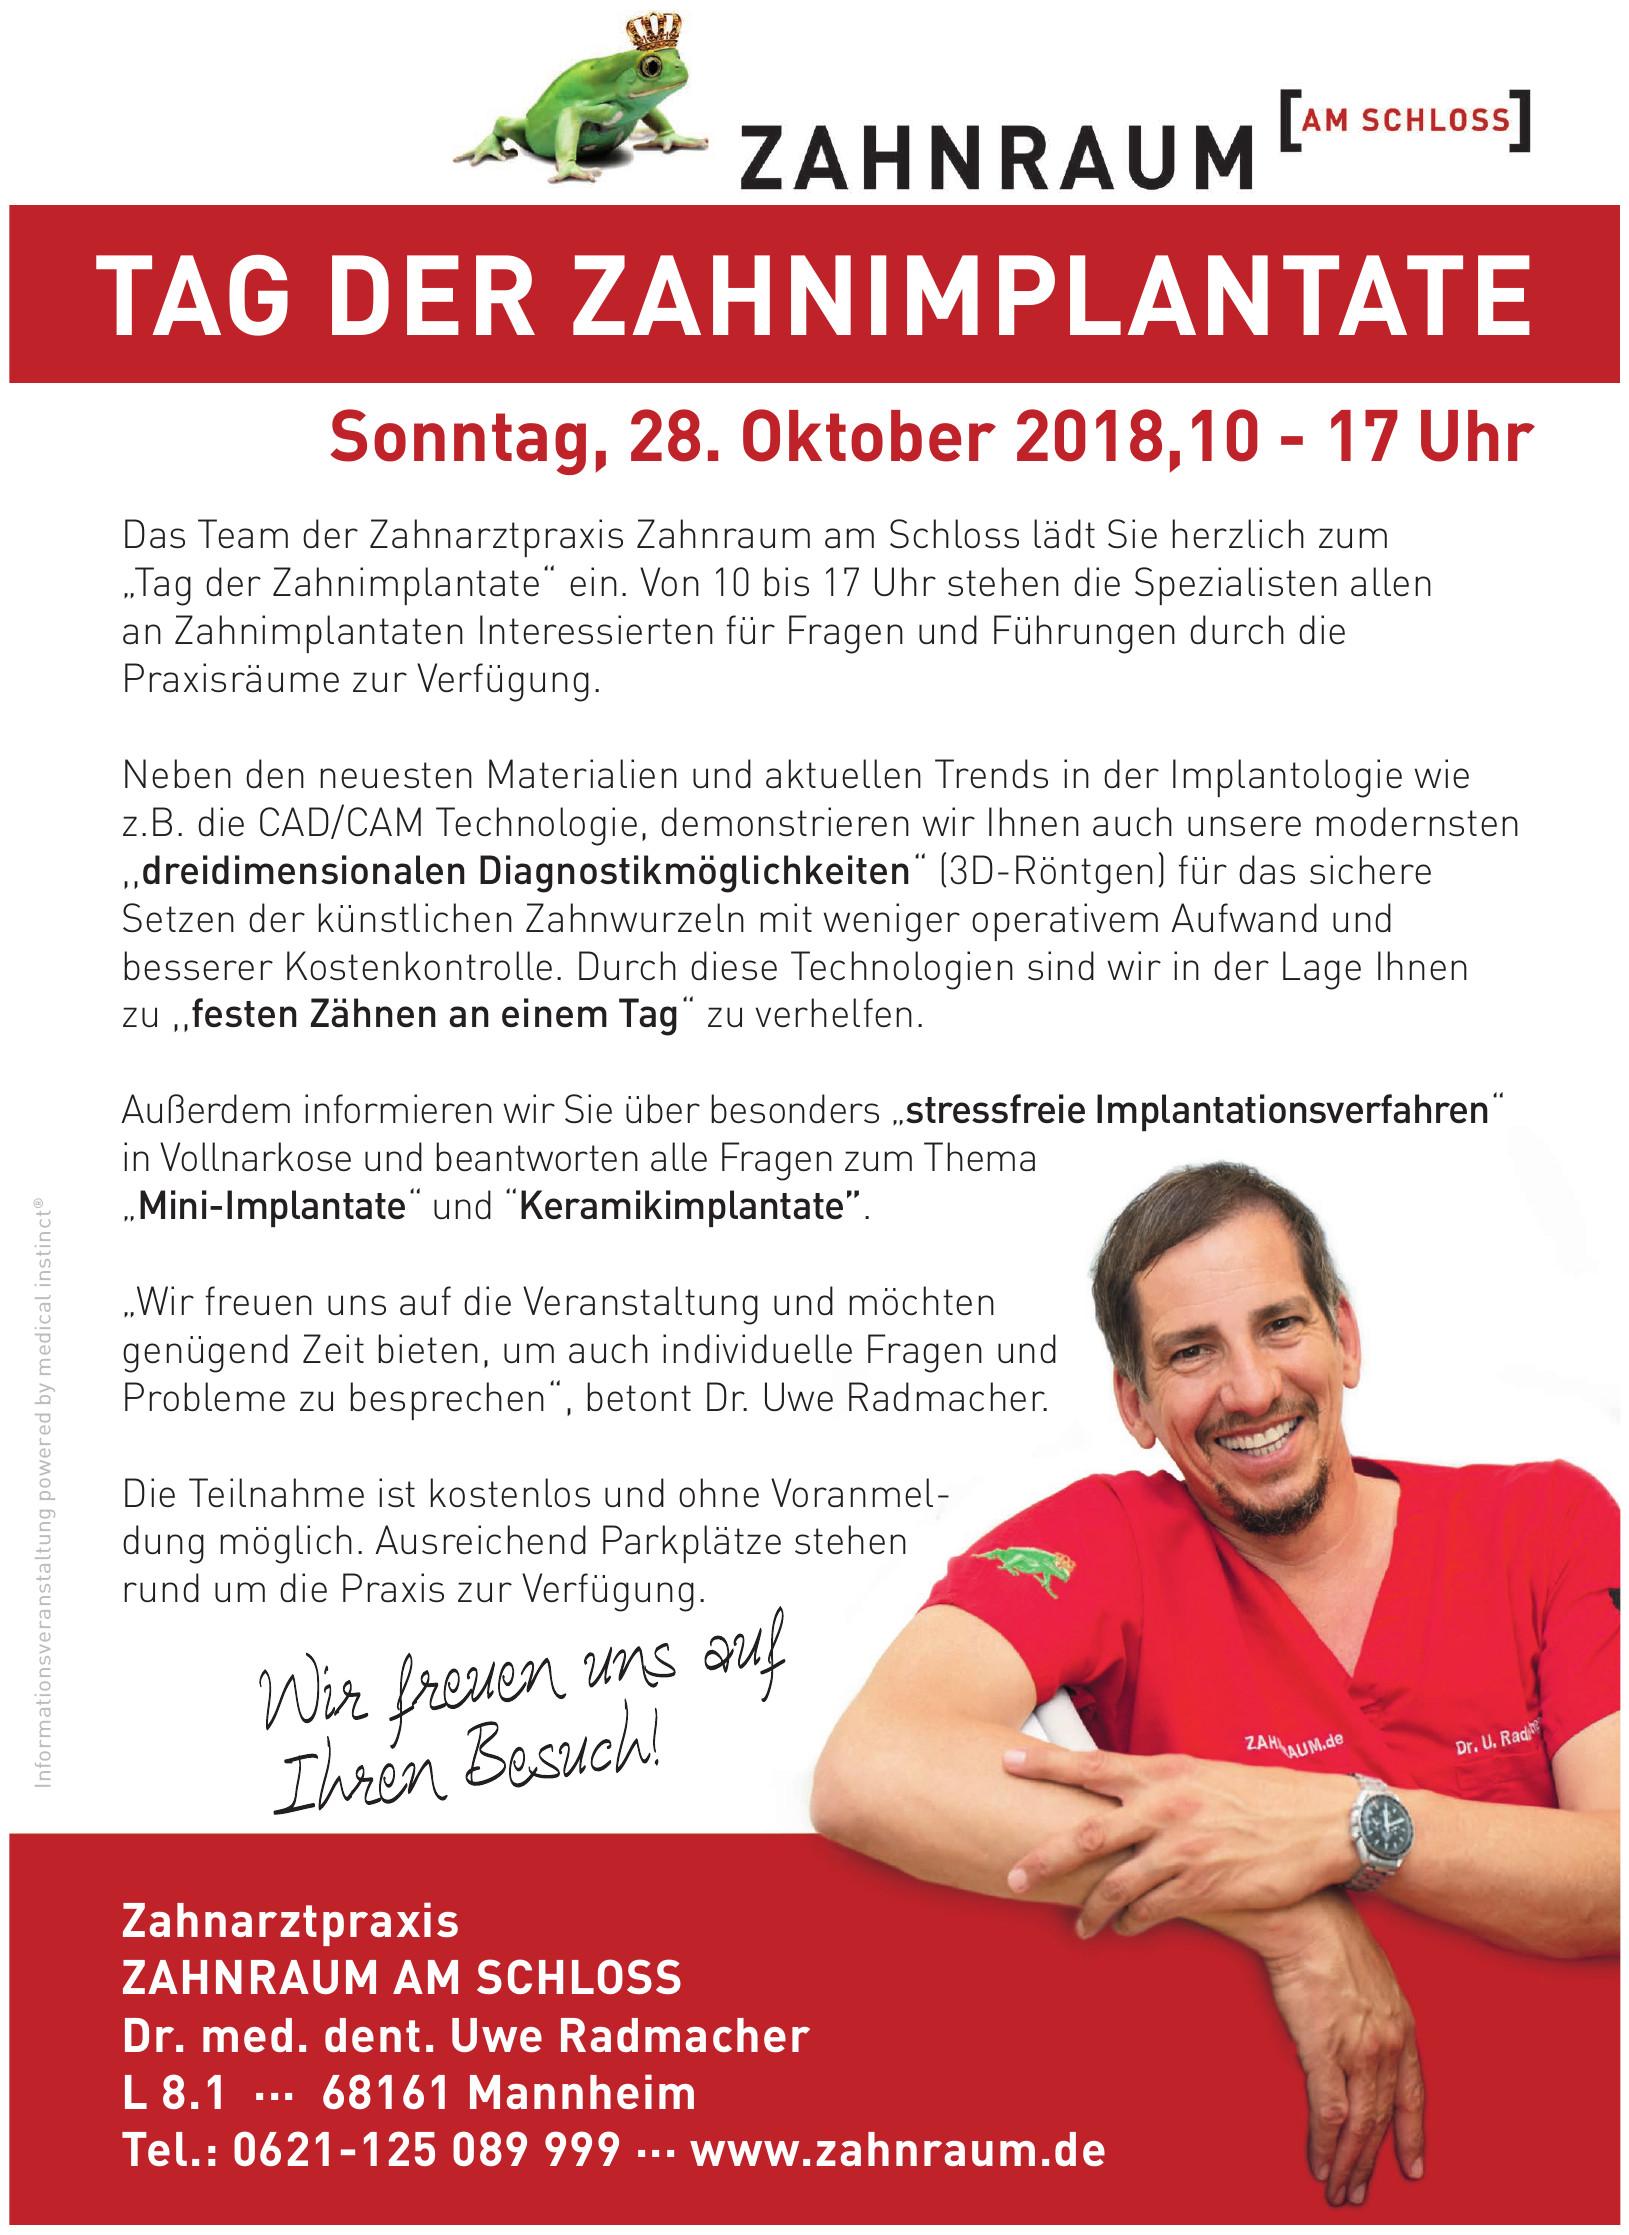 Zahnraum am Schloß  Dr. Uwe Radmacher